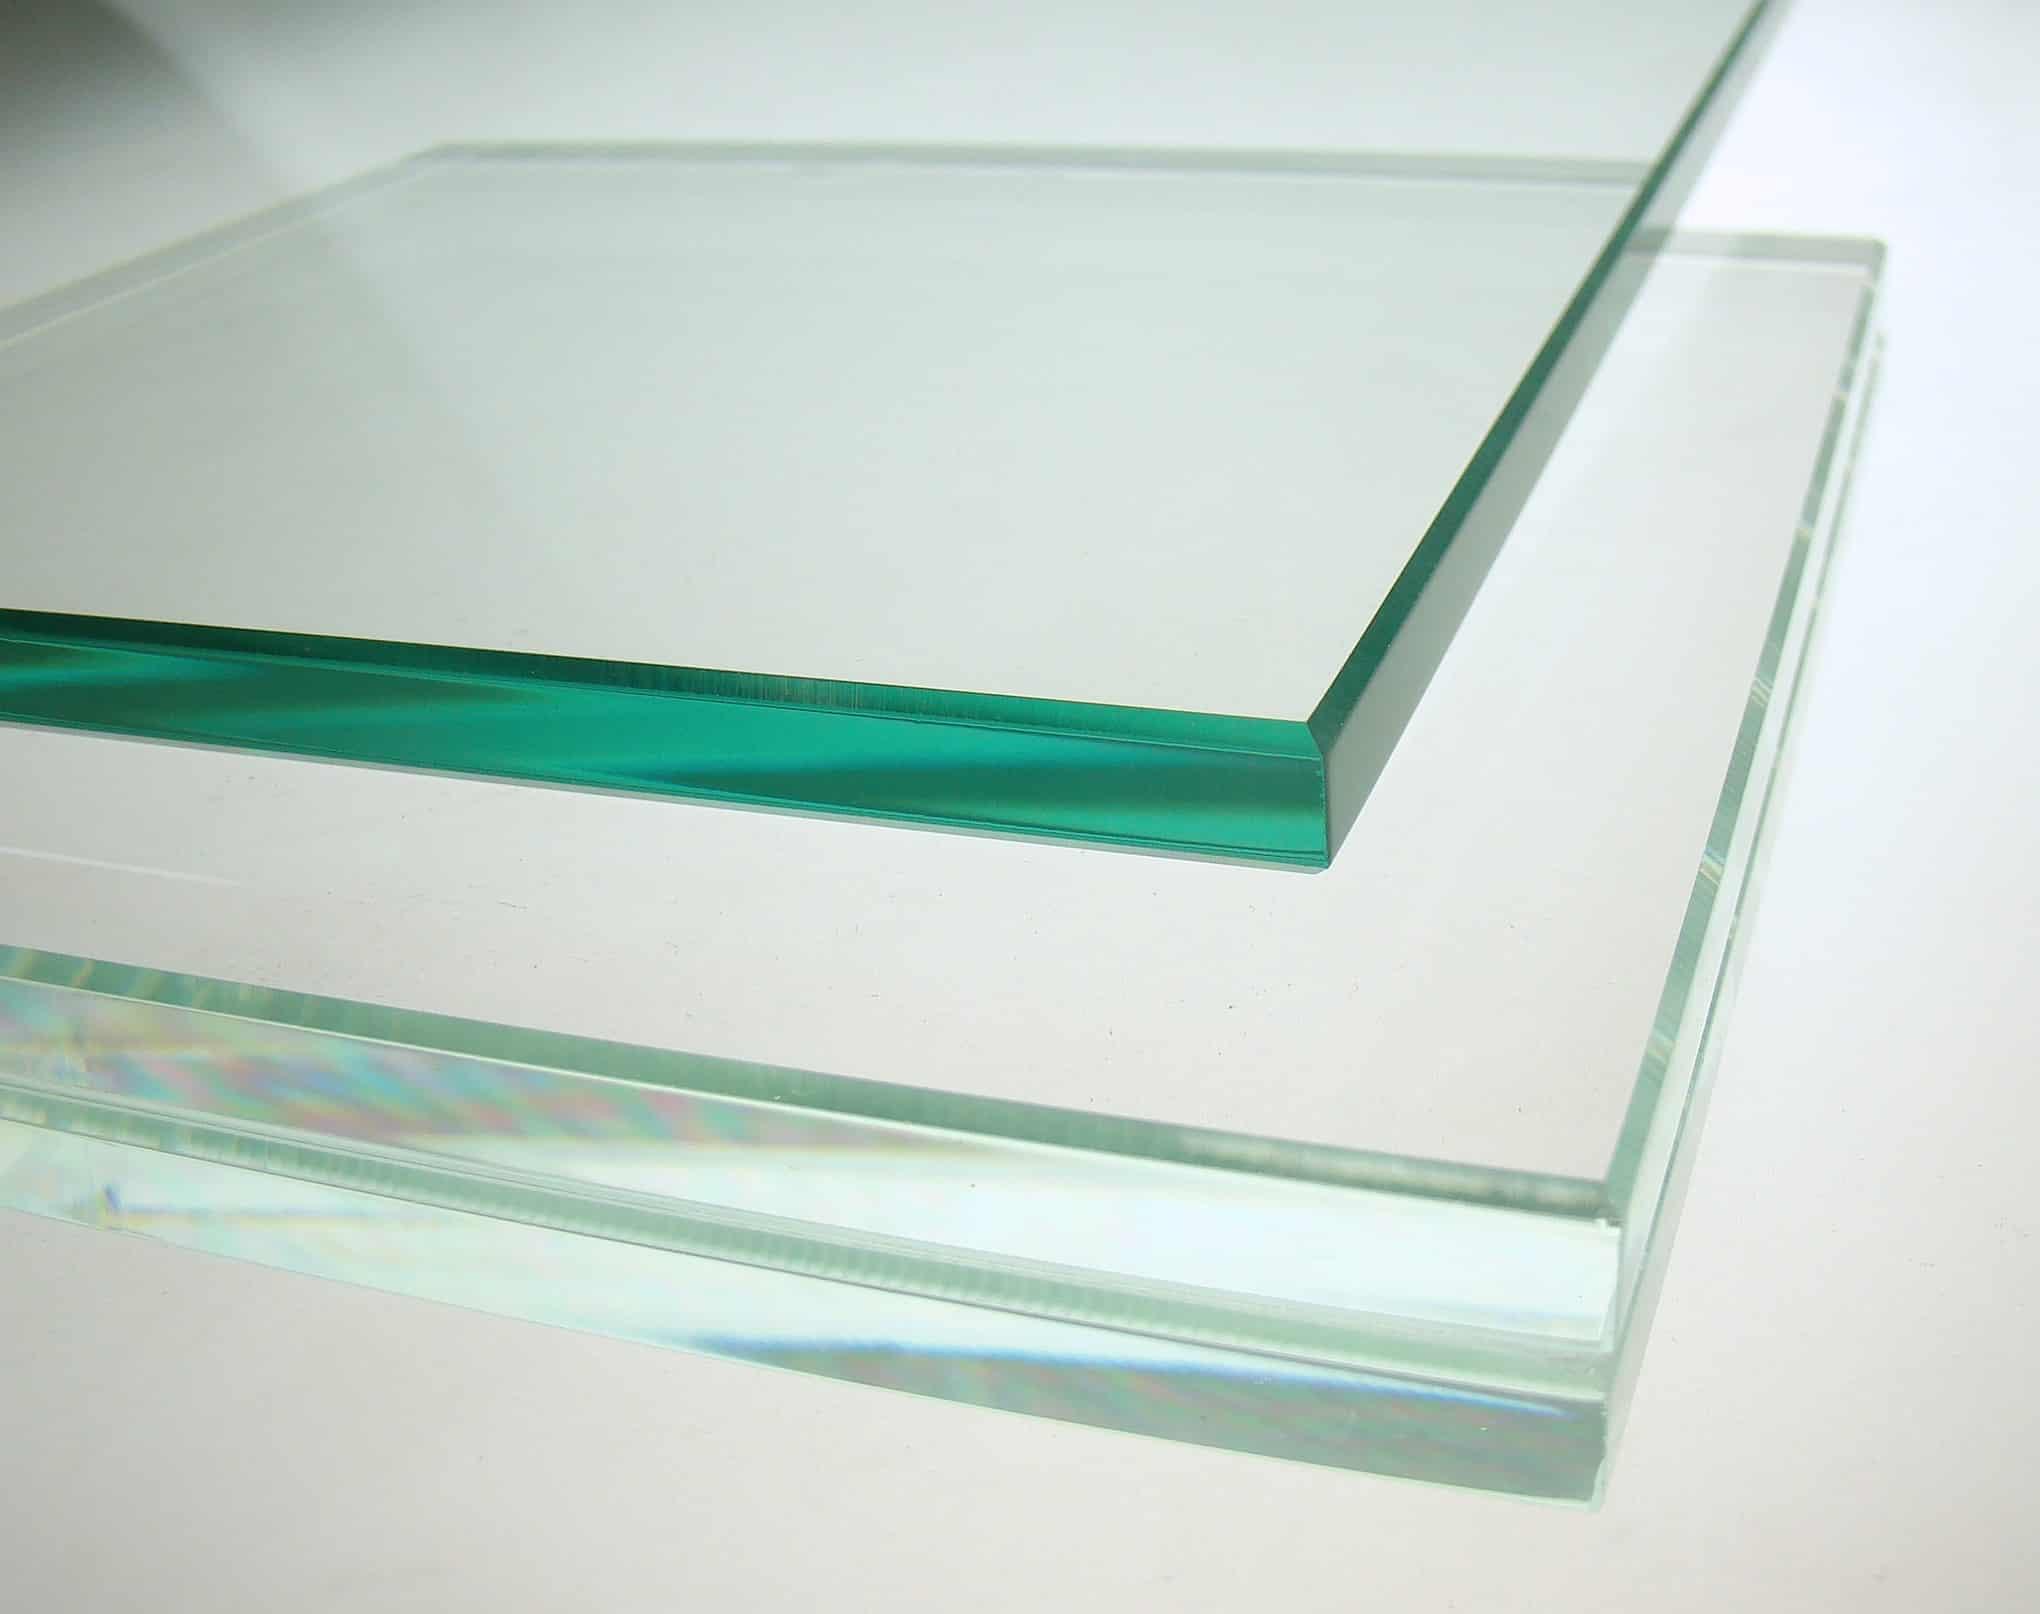 Основные отличия закаленного стекла и стеклокерамики | Стеклокерамика или закаленное стекло: что лучше